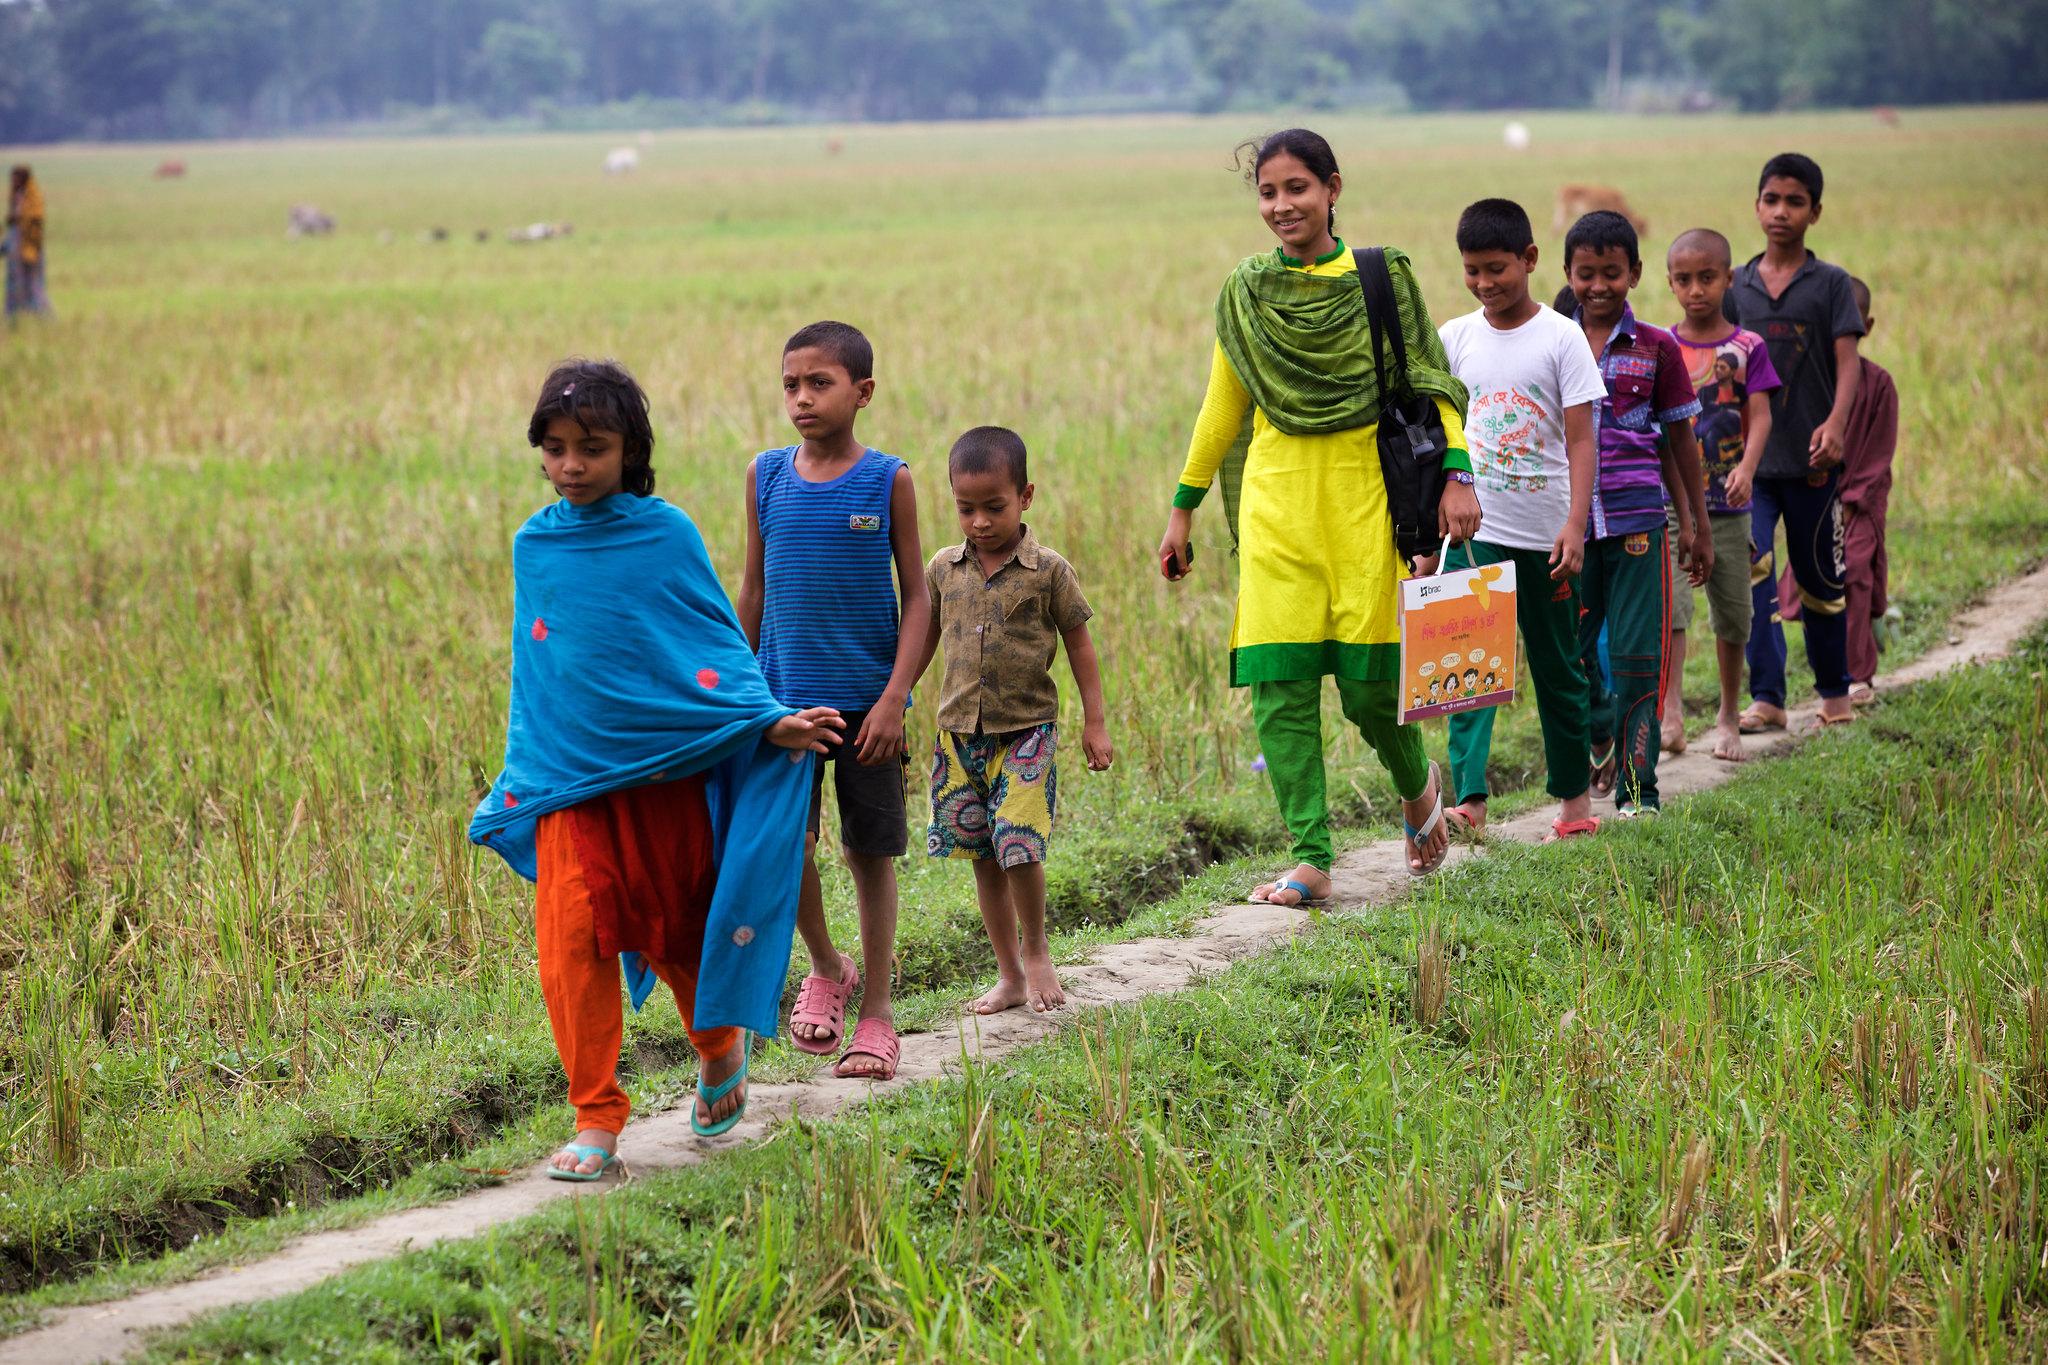 estudiantes en india camino a la escuela